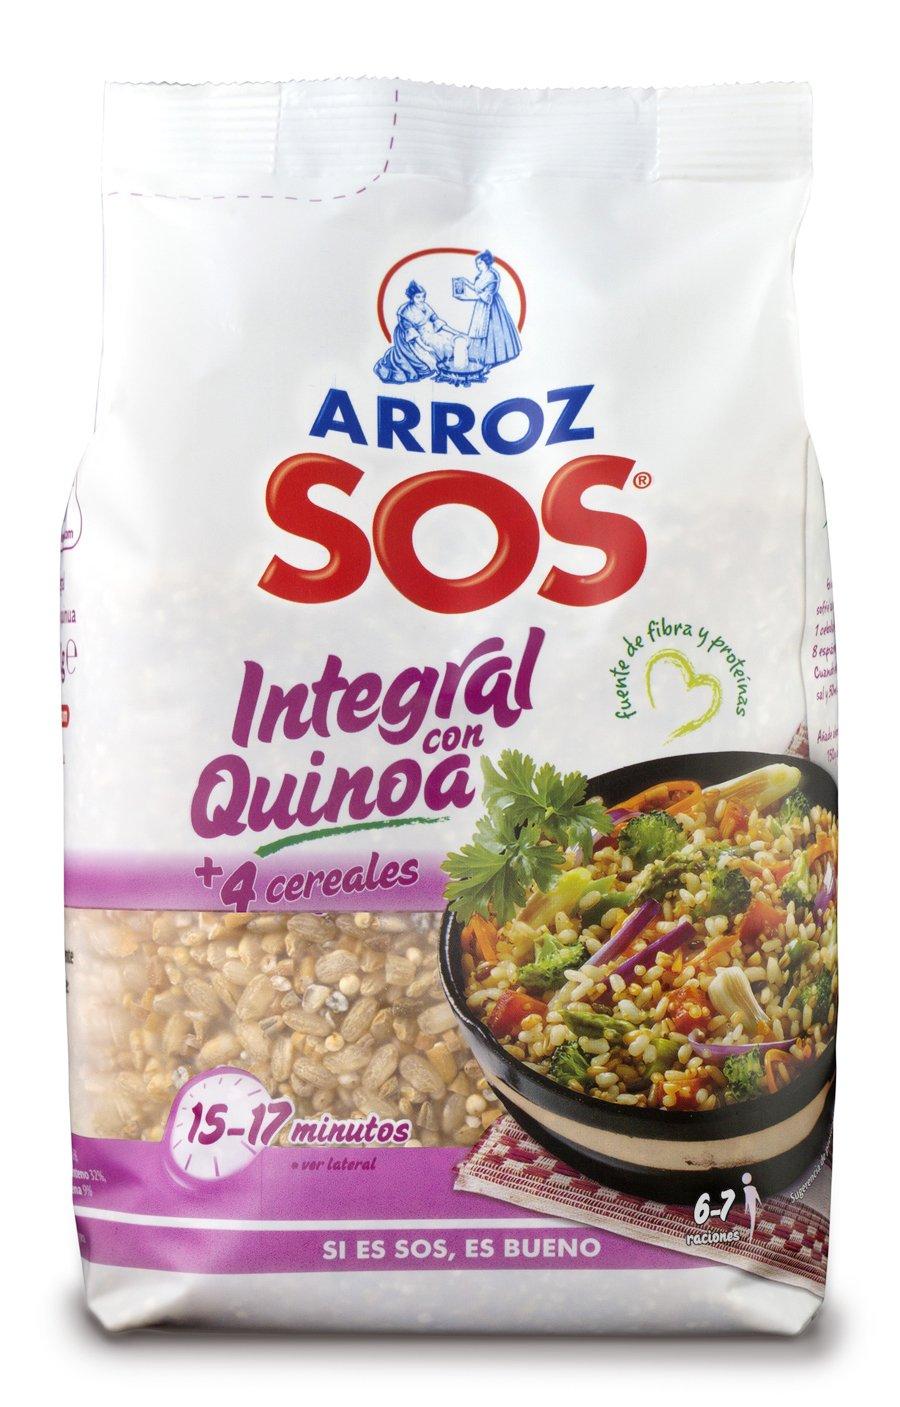 SOS- Arroz Integral Con Quinoa + 4 Cereales 500 g: Amazon.es: Alimentación y bebidas